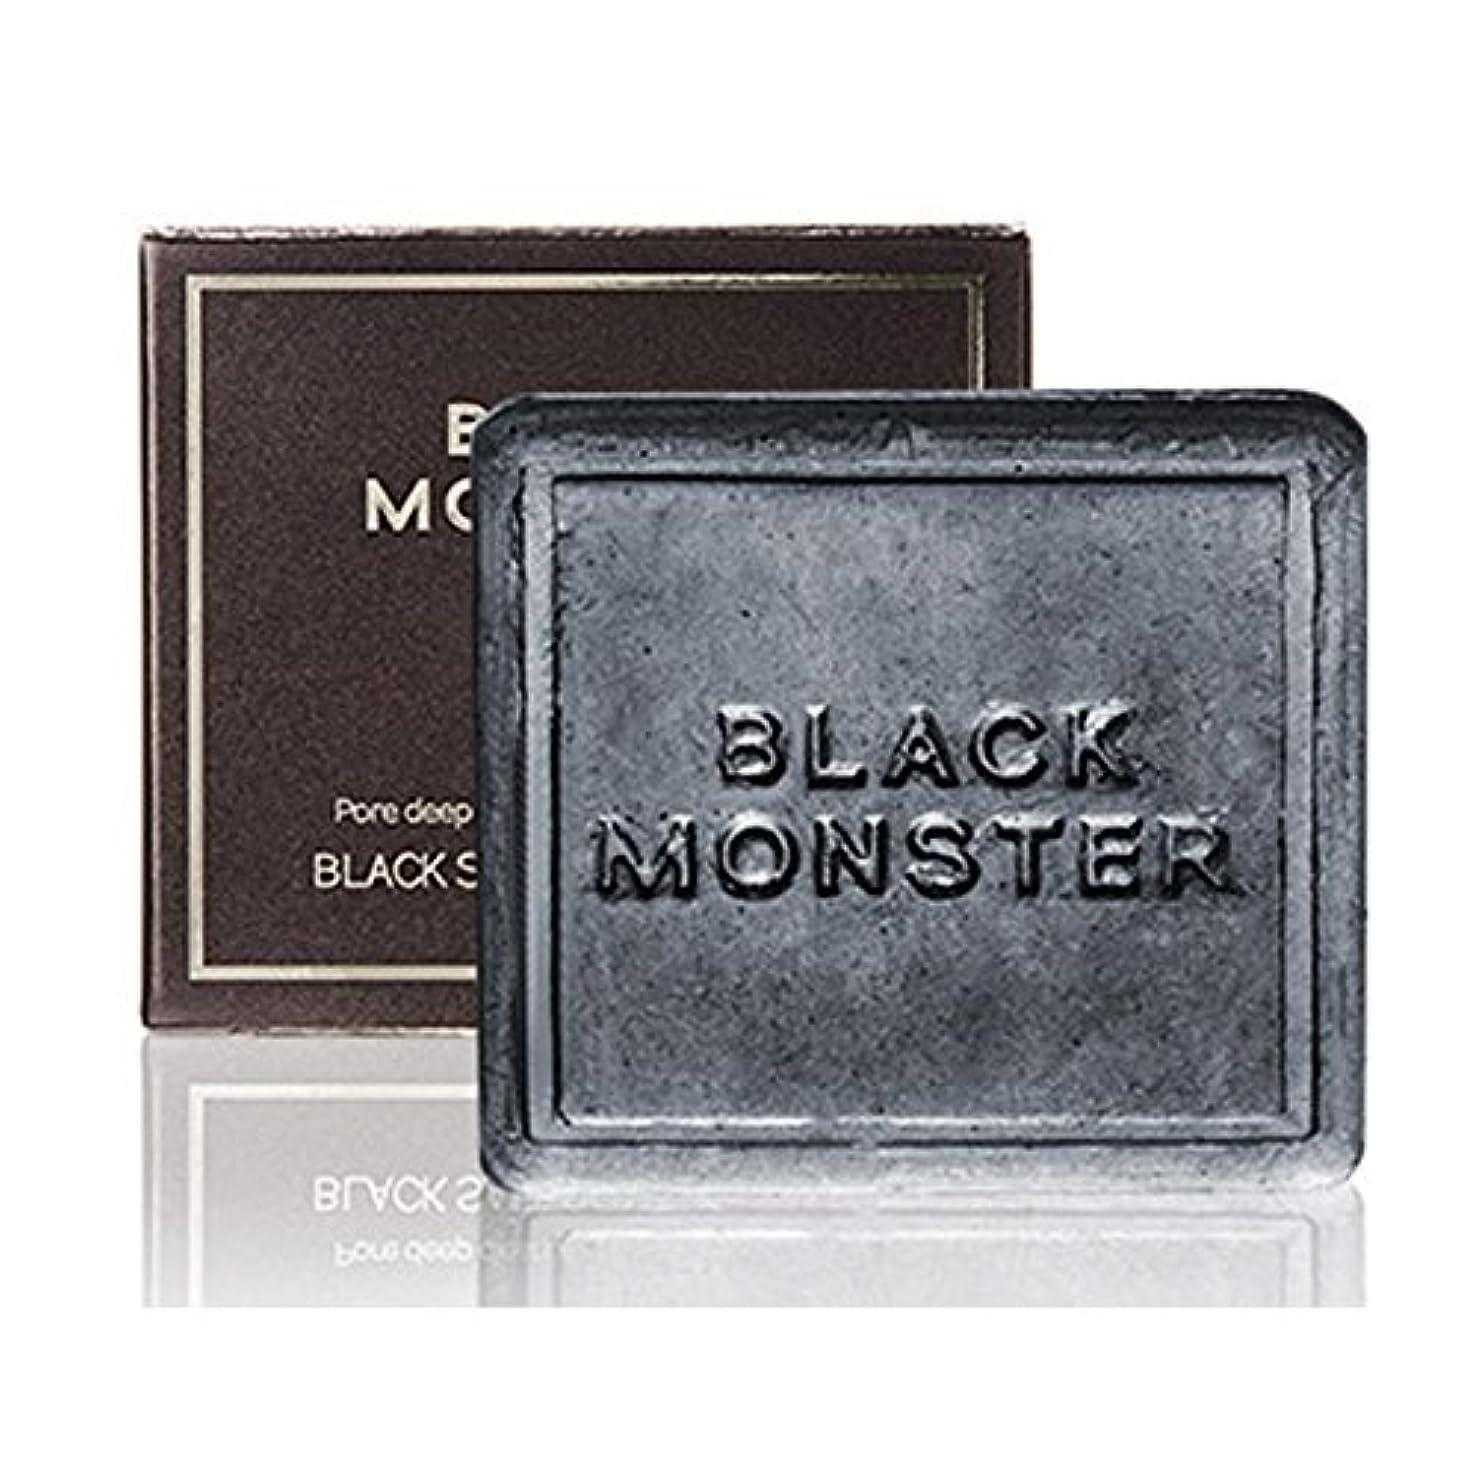 疑わしい銀入札[ブレンクTV] blanktv Black Monster ブラックソルトコントロールバー 120g 海外直送品 black salt control bar [並行輸入品]